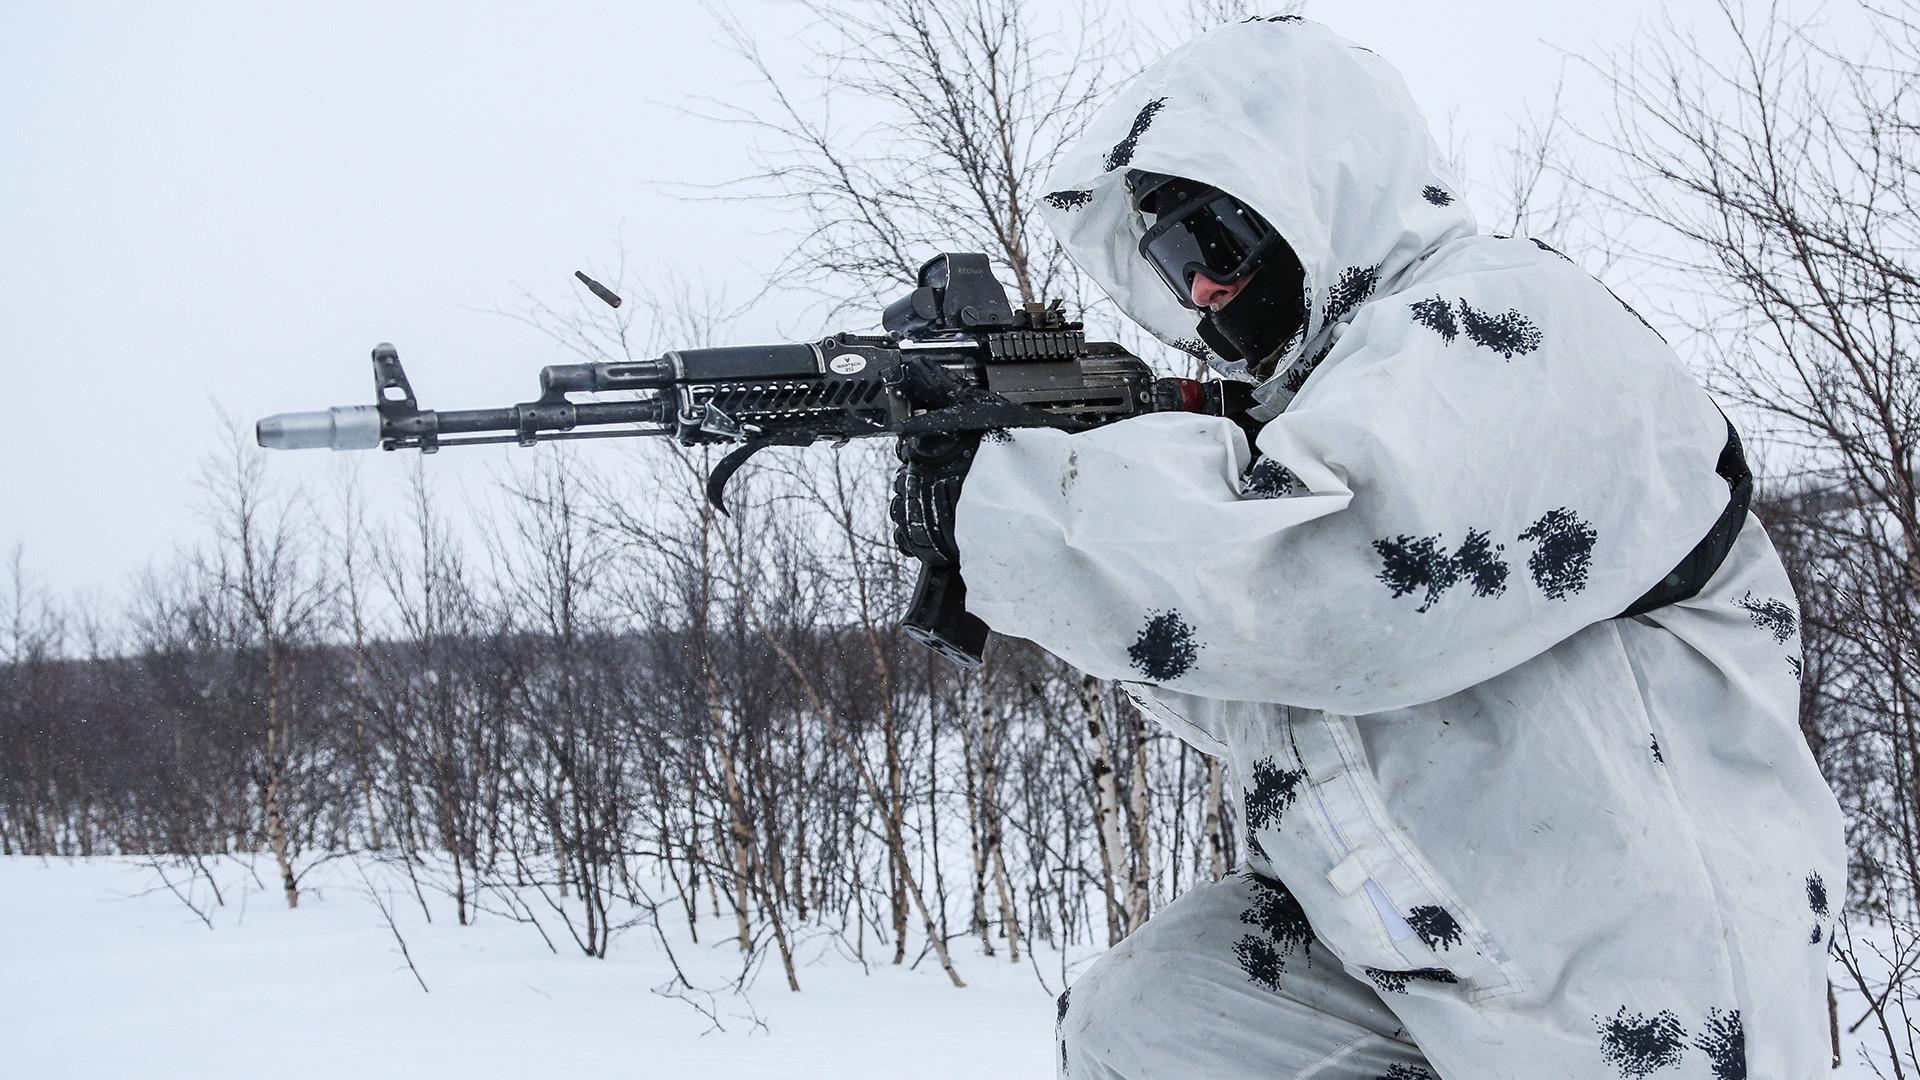 Cómo Rusia prueba sus rifles: Kalashnikovs sometidos al desierto, el frío polar y el trópico